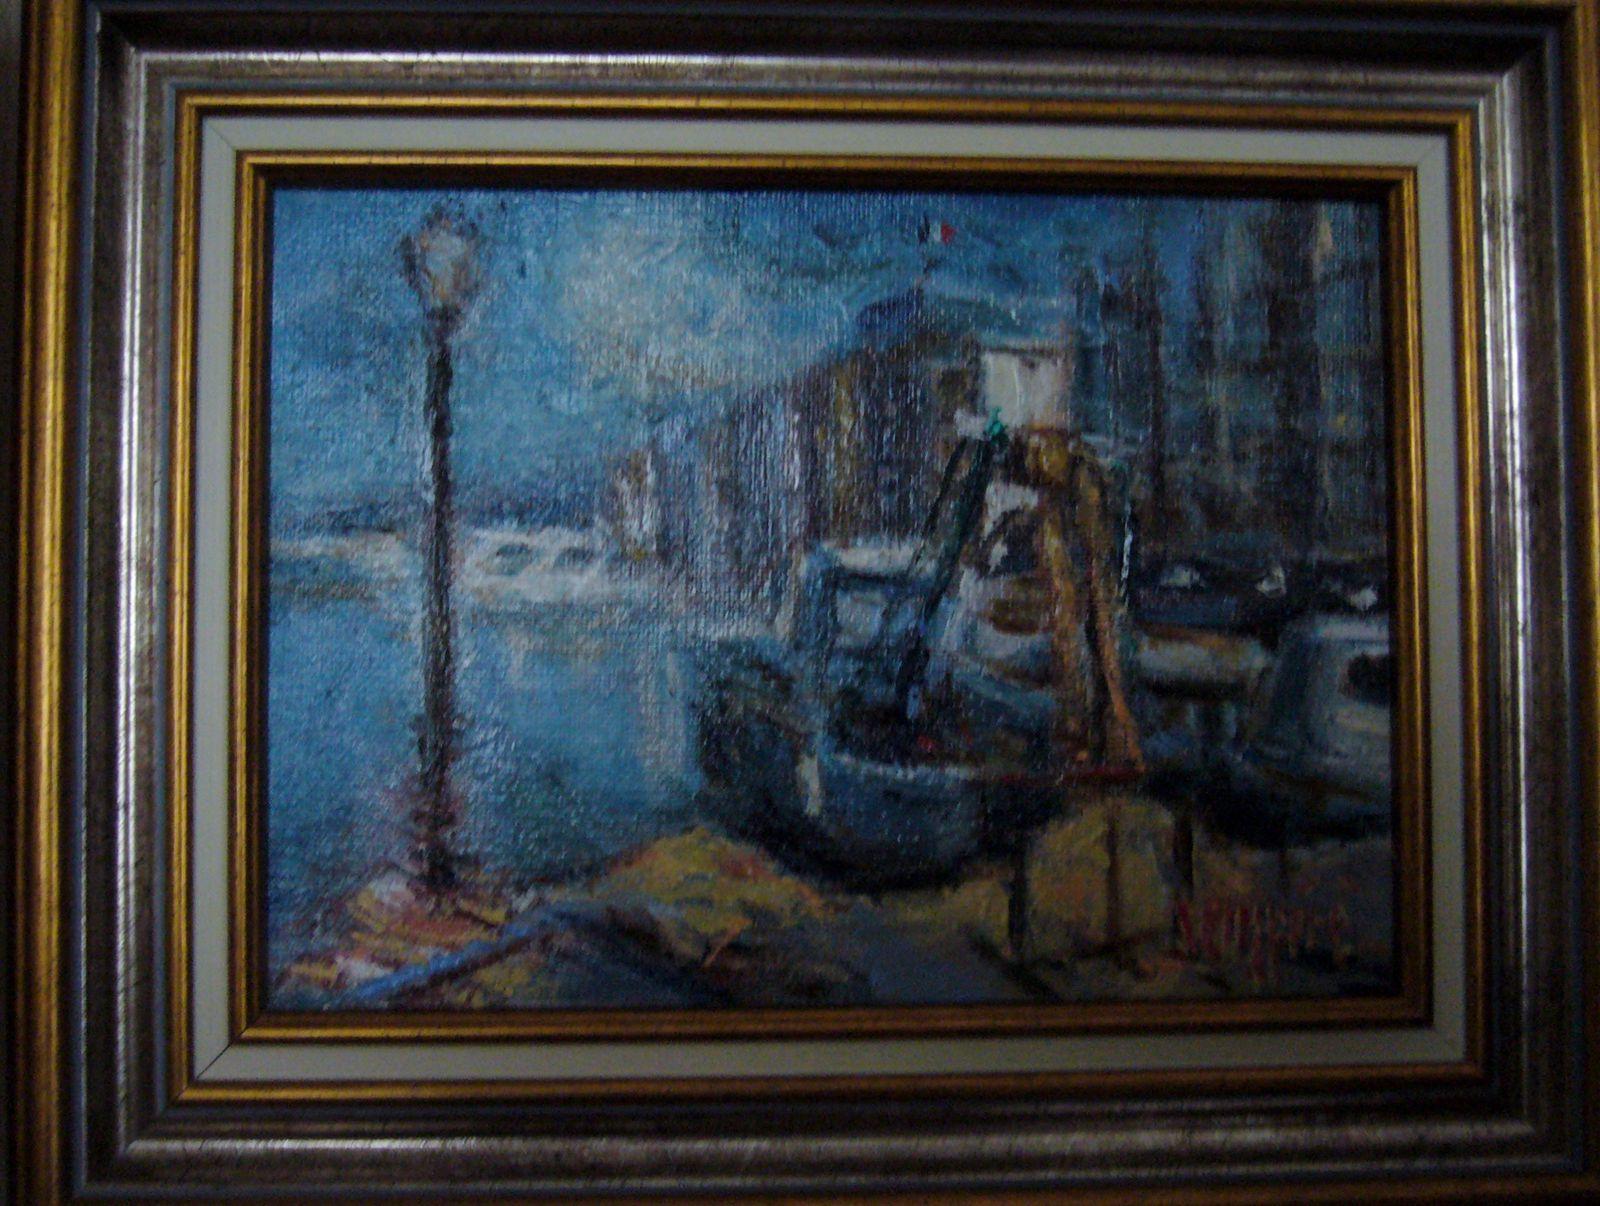 quelques tableaux de Flavien Sempéré de Toulon -  Var (France)TOULON 06 13 51 00 77 qui propose aussi des cours de peinture et de dessin